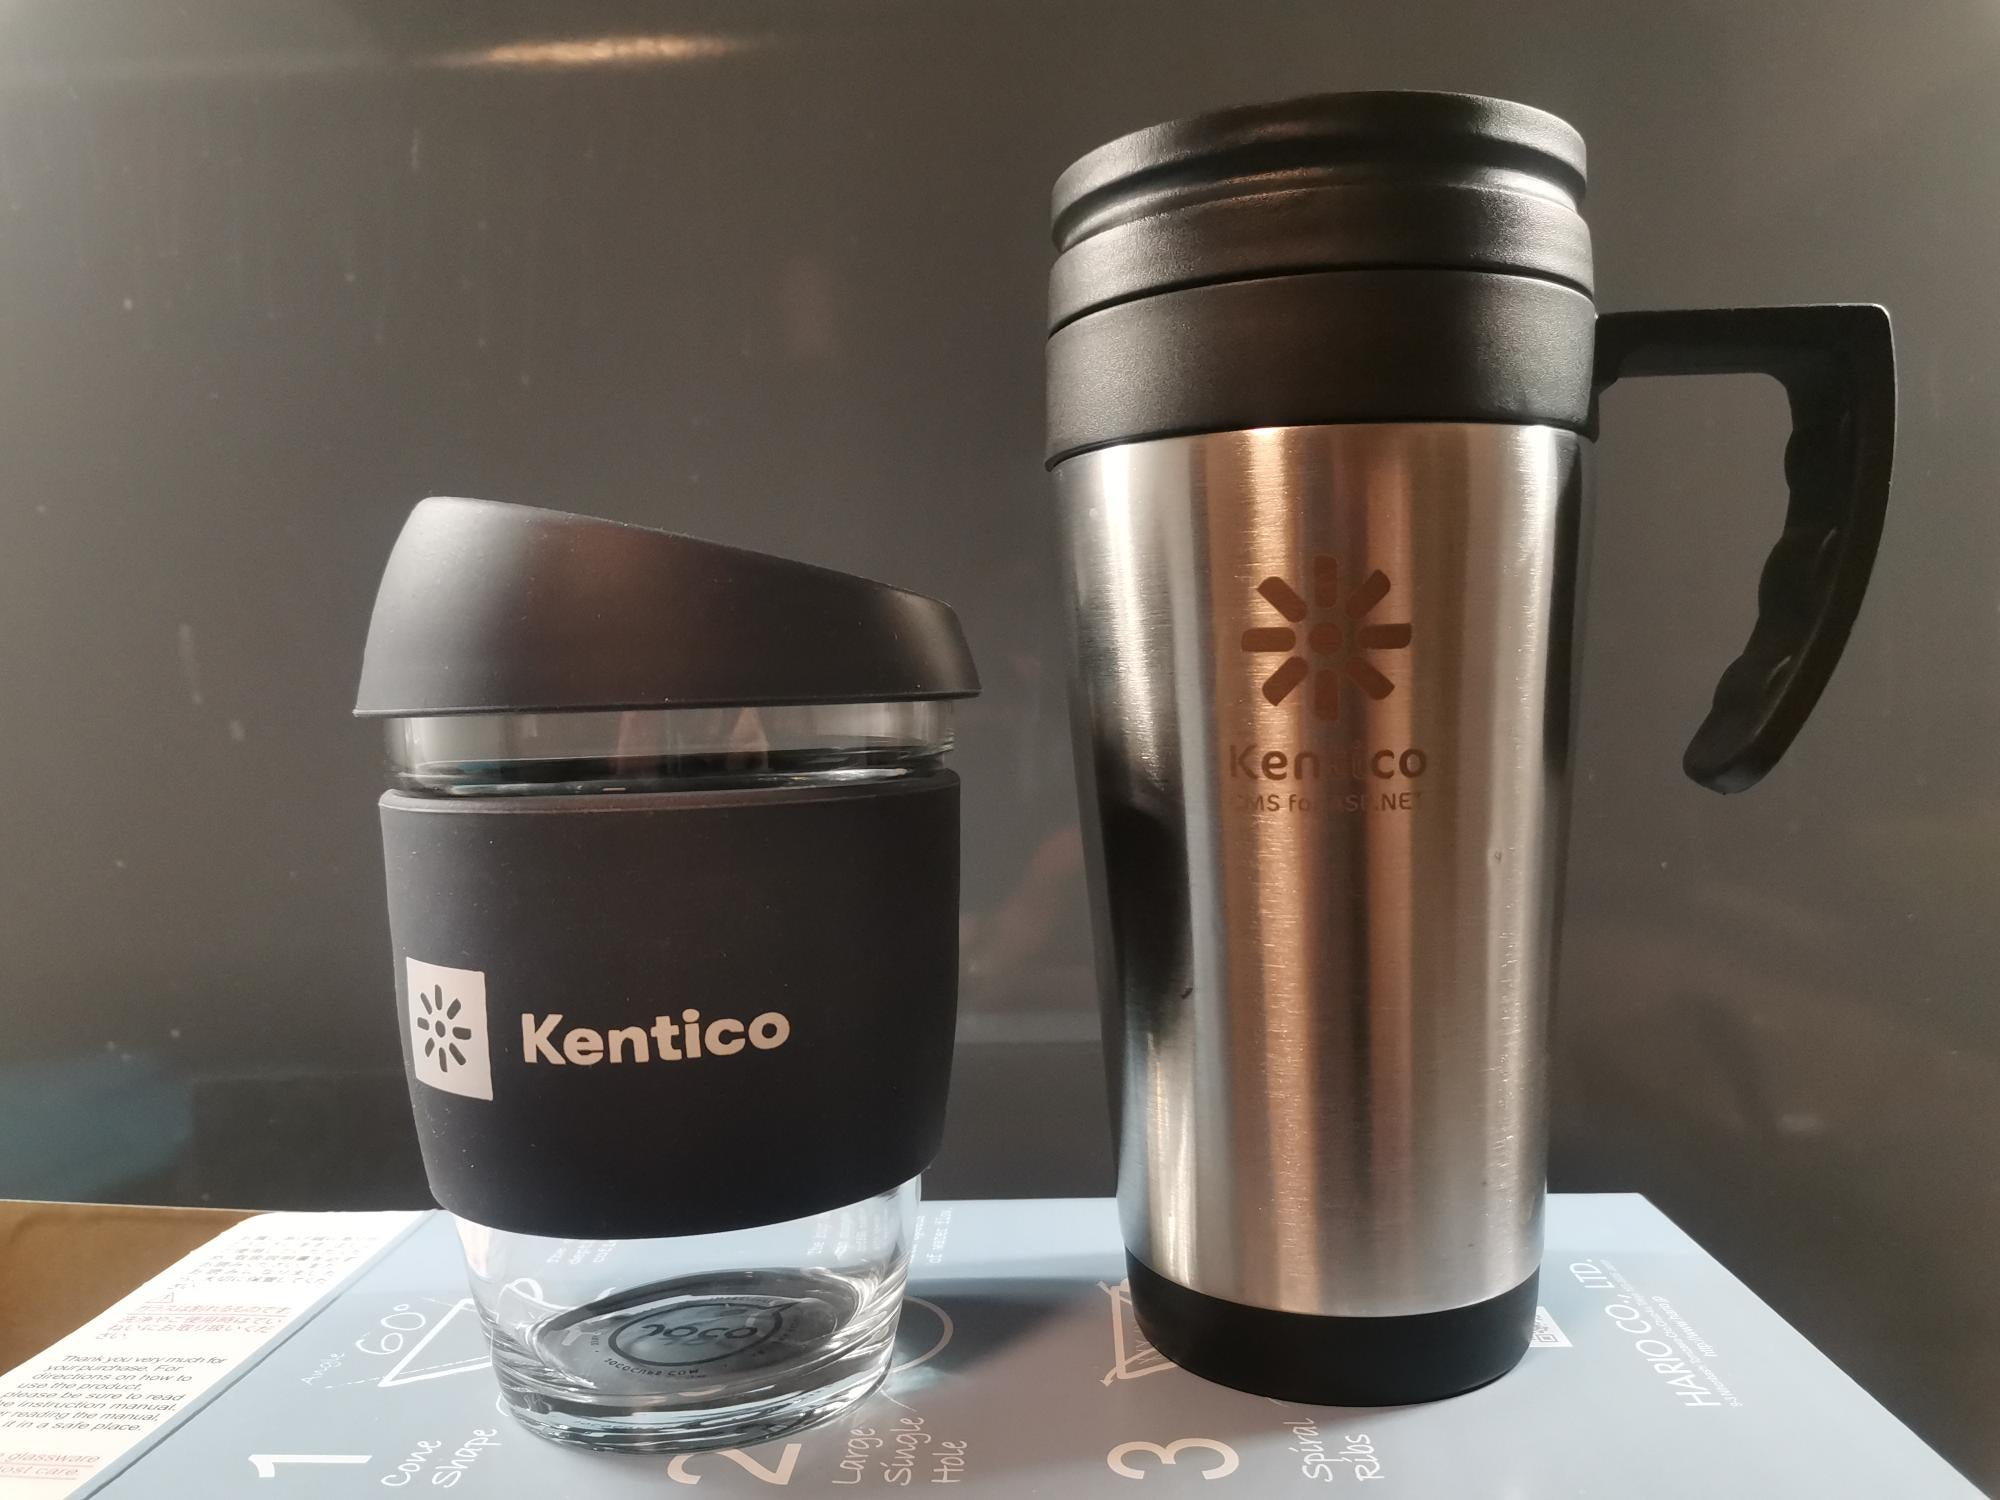 10 let s Kentico – hrnek vpravo za certifikaci v roce 2011, z moderního keep cupu (vlevo) pije kafe dnes.